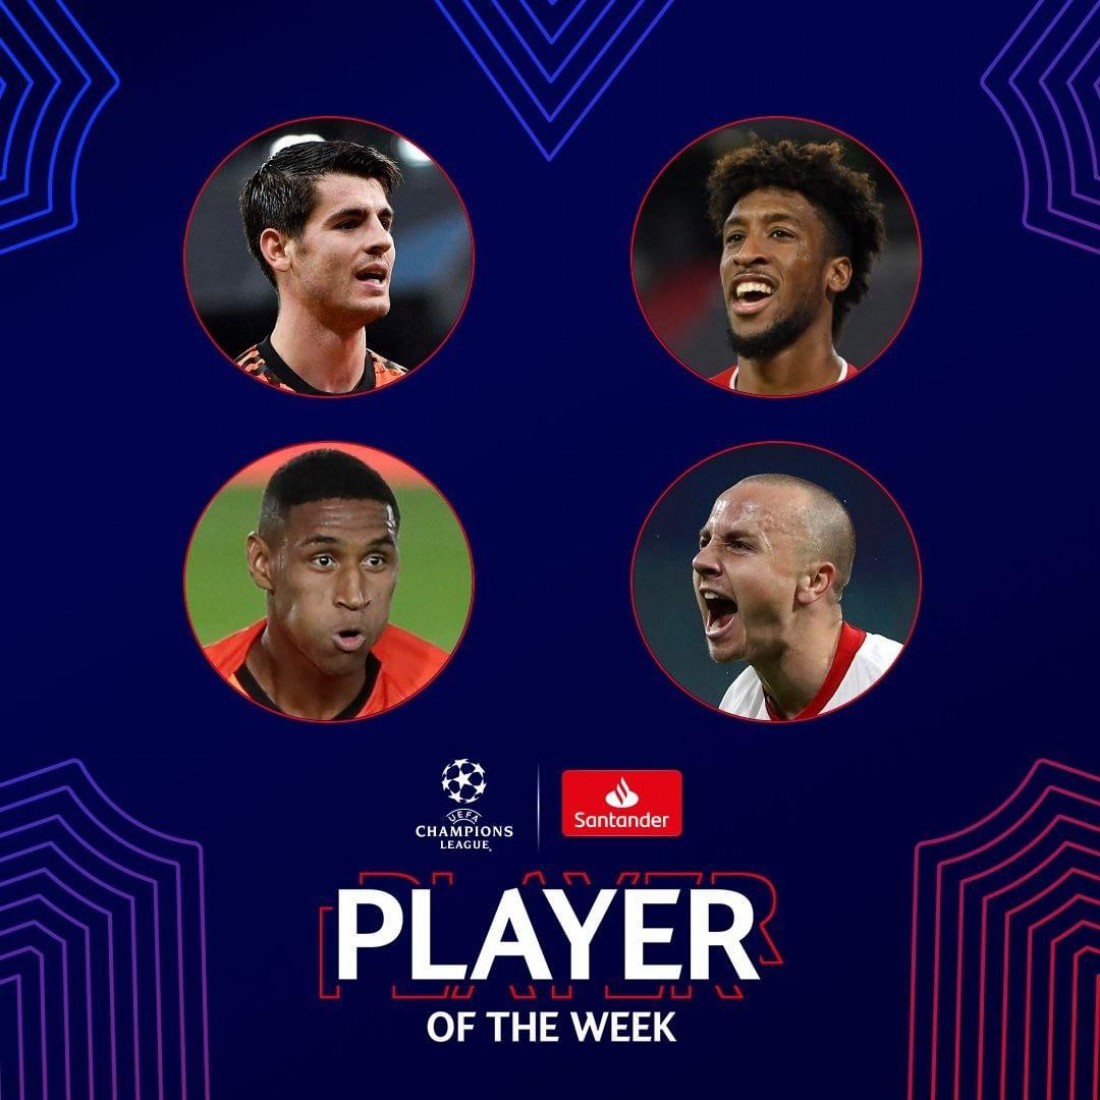 Лучшие игроки недели в Лиге чемпионов